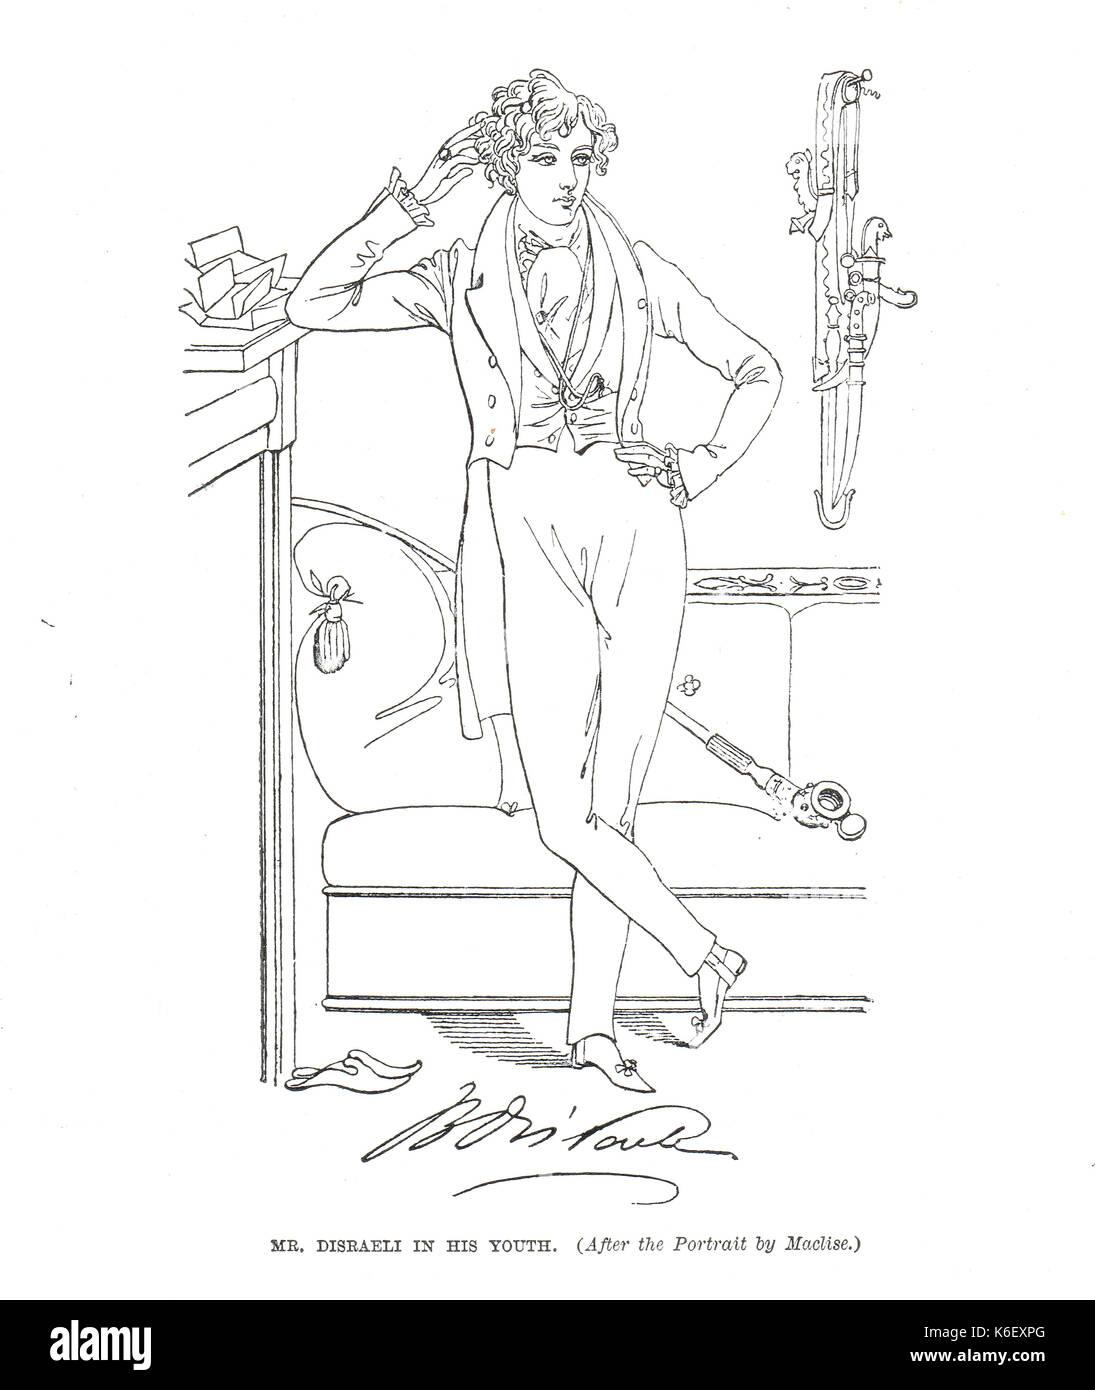 Benjamin Disraeli as a young man, circa 1833 - Stock Image